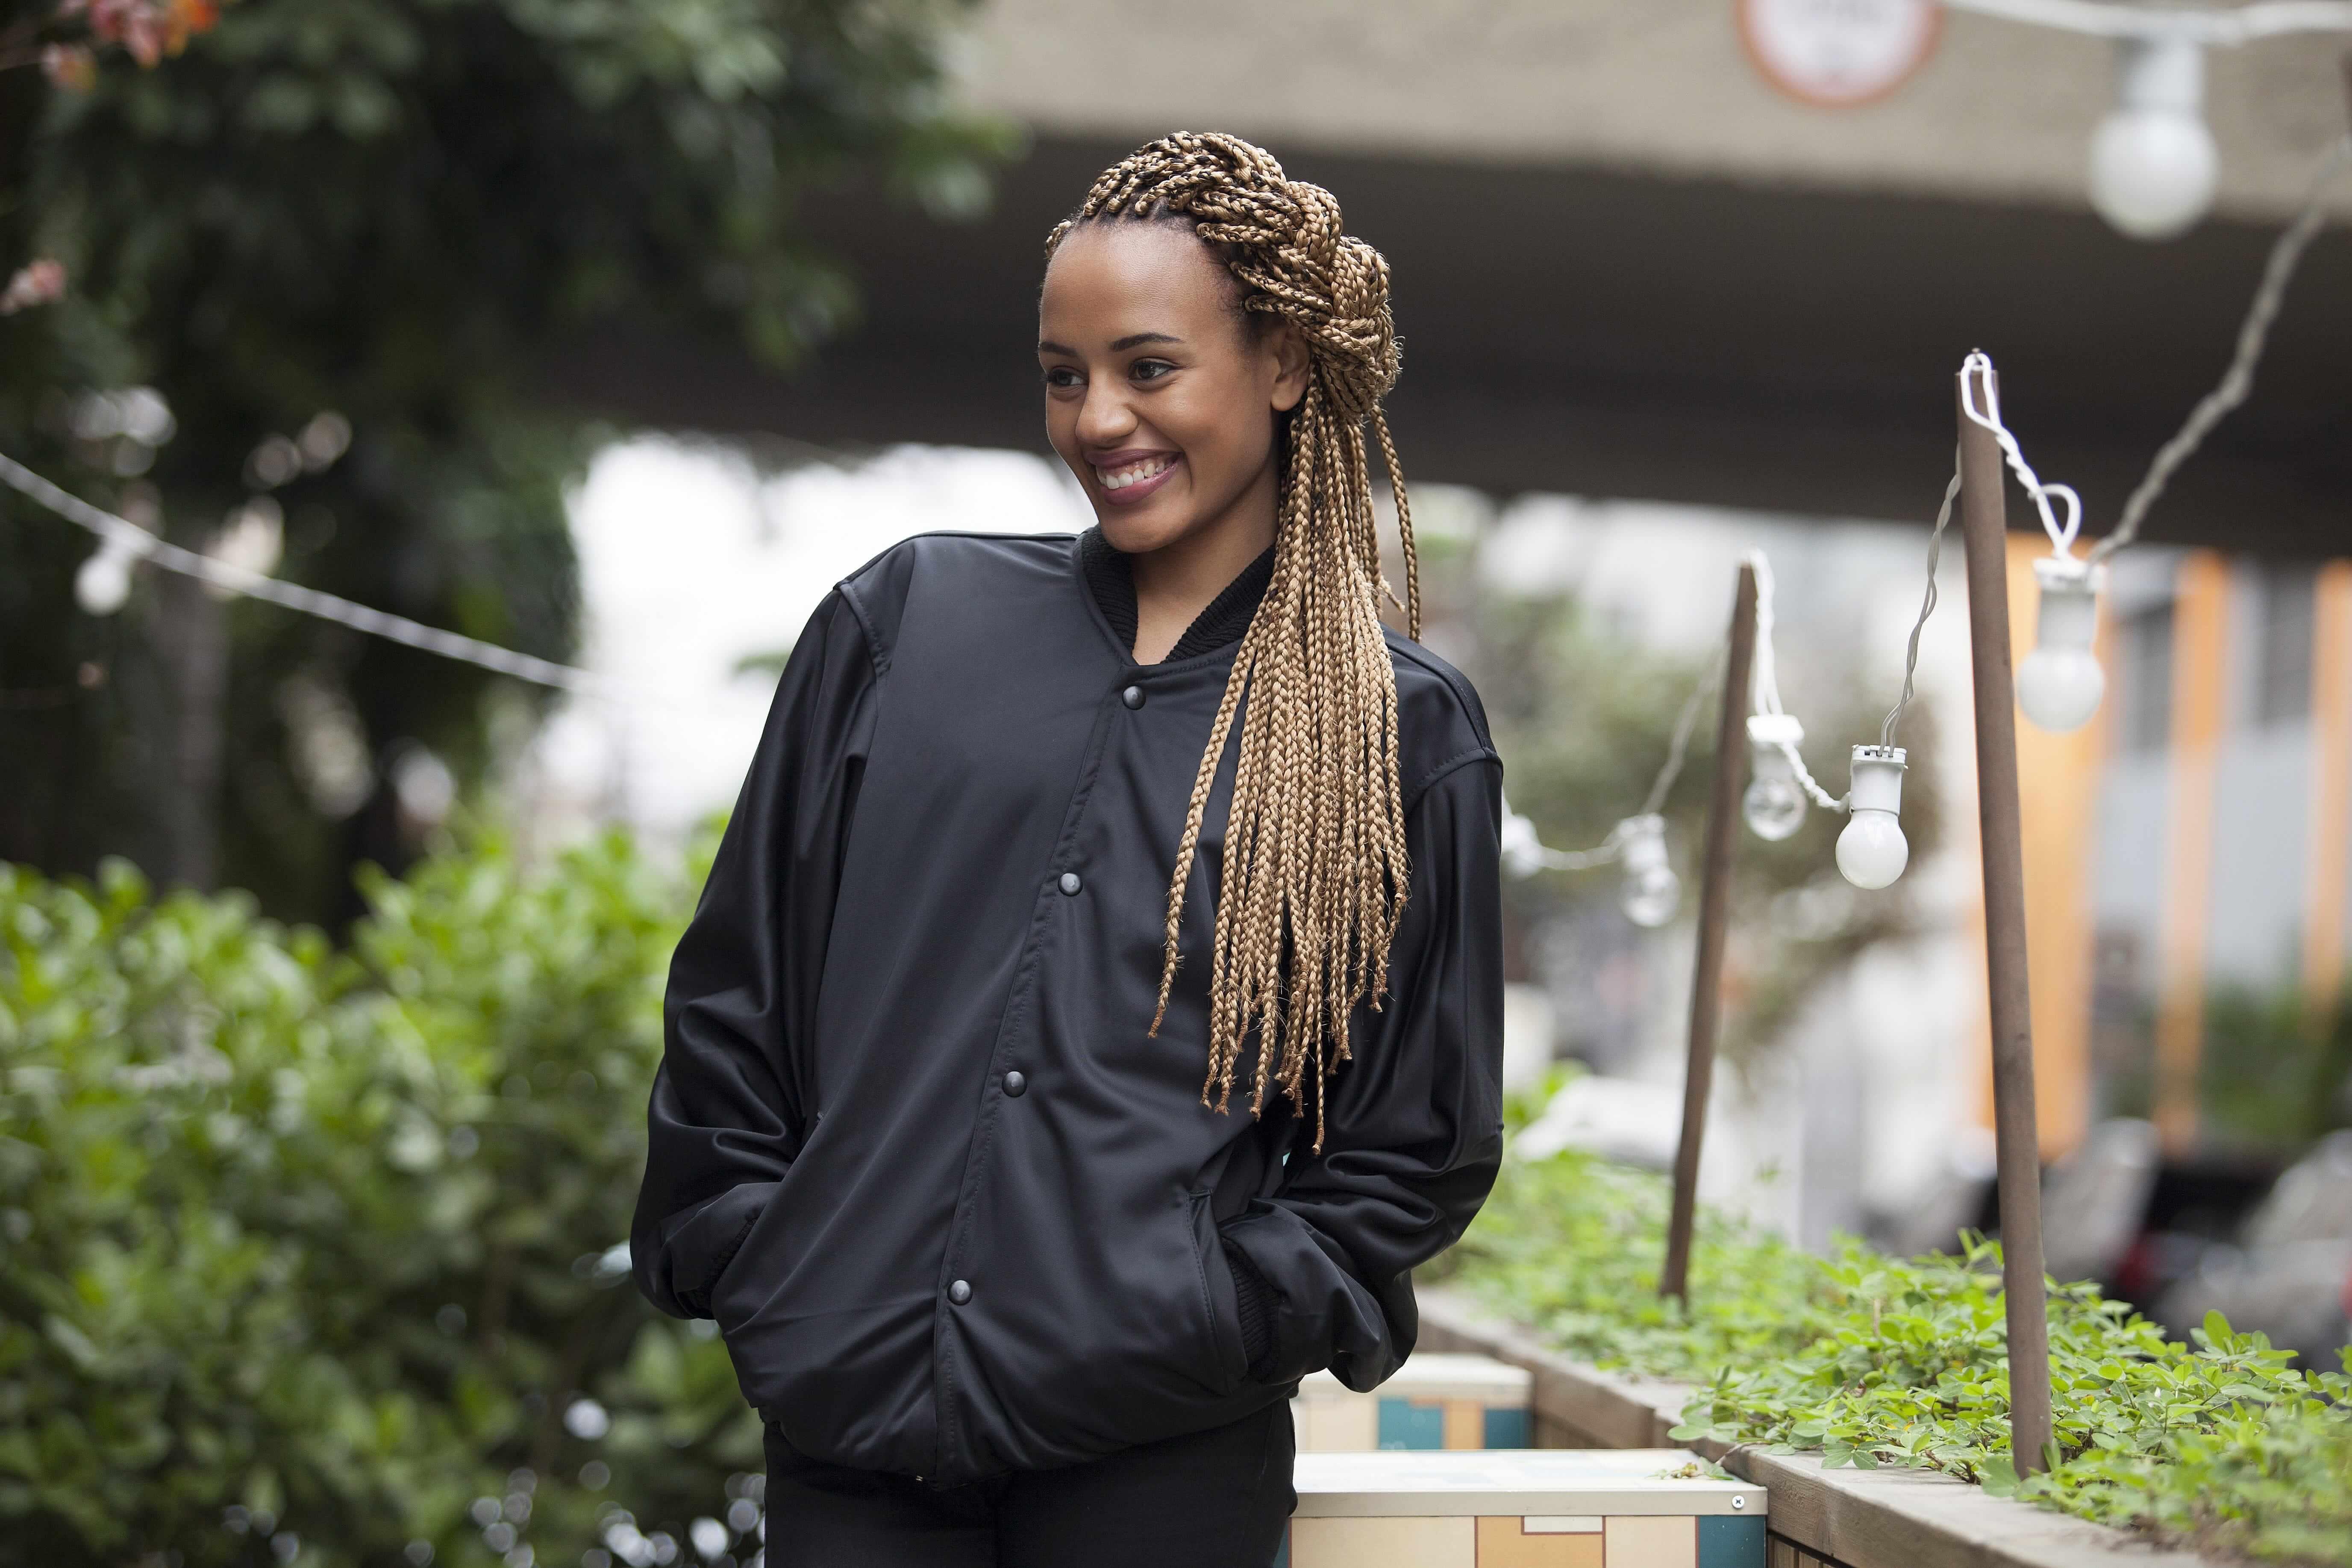 Images de tresses de boîtes : Jeune femme noire avec une couronne nouée mi-haute, mi-bas